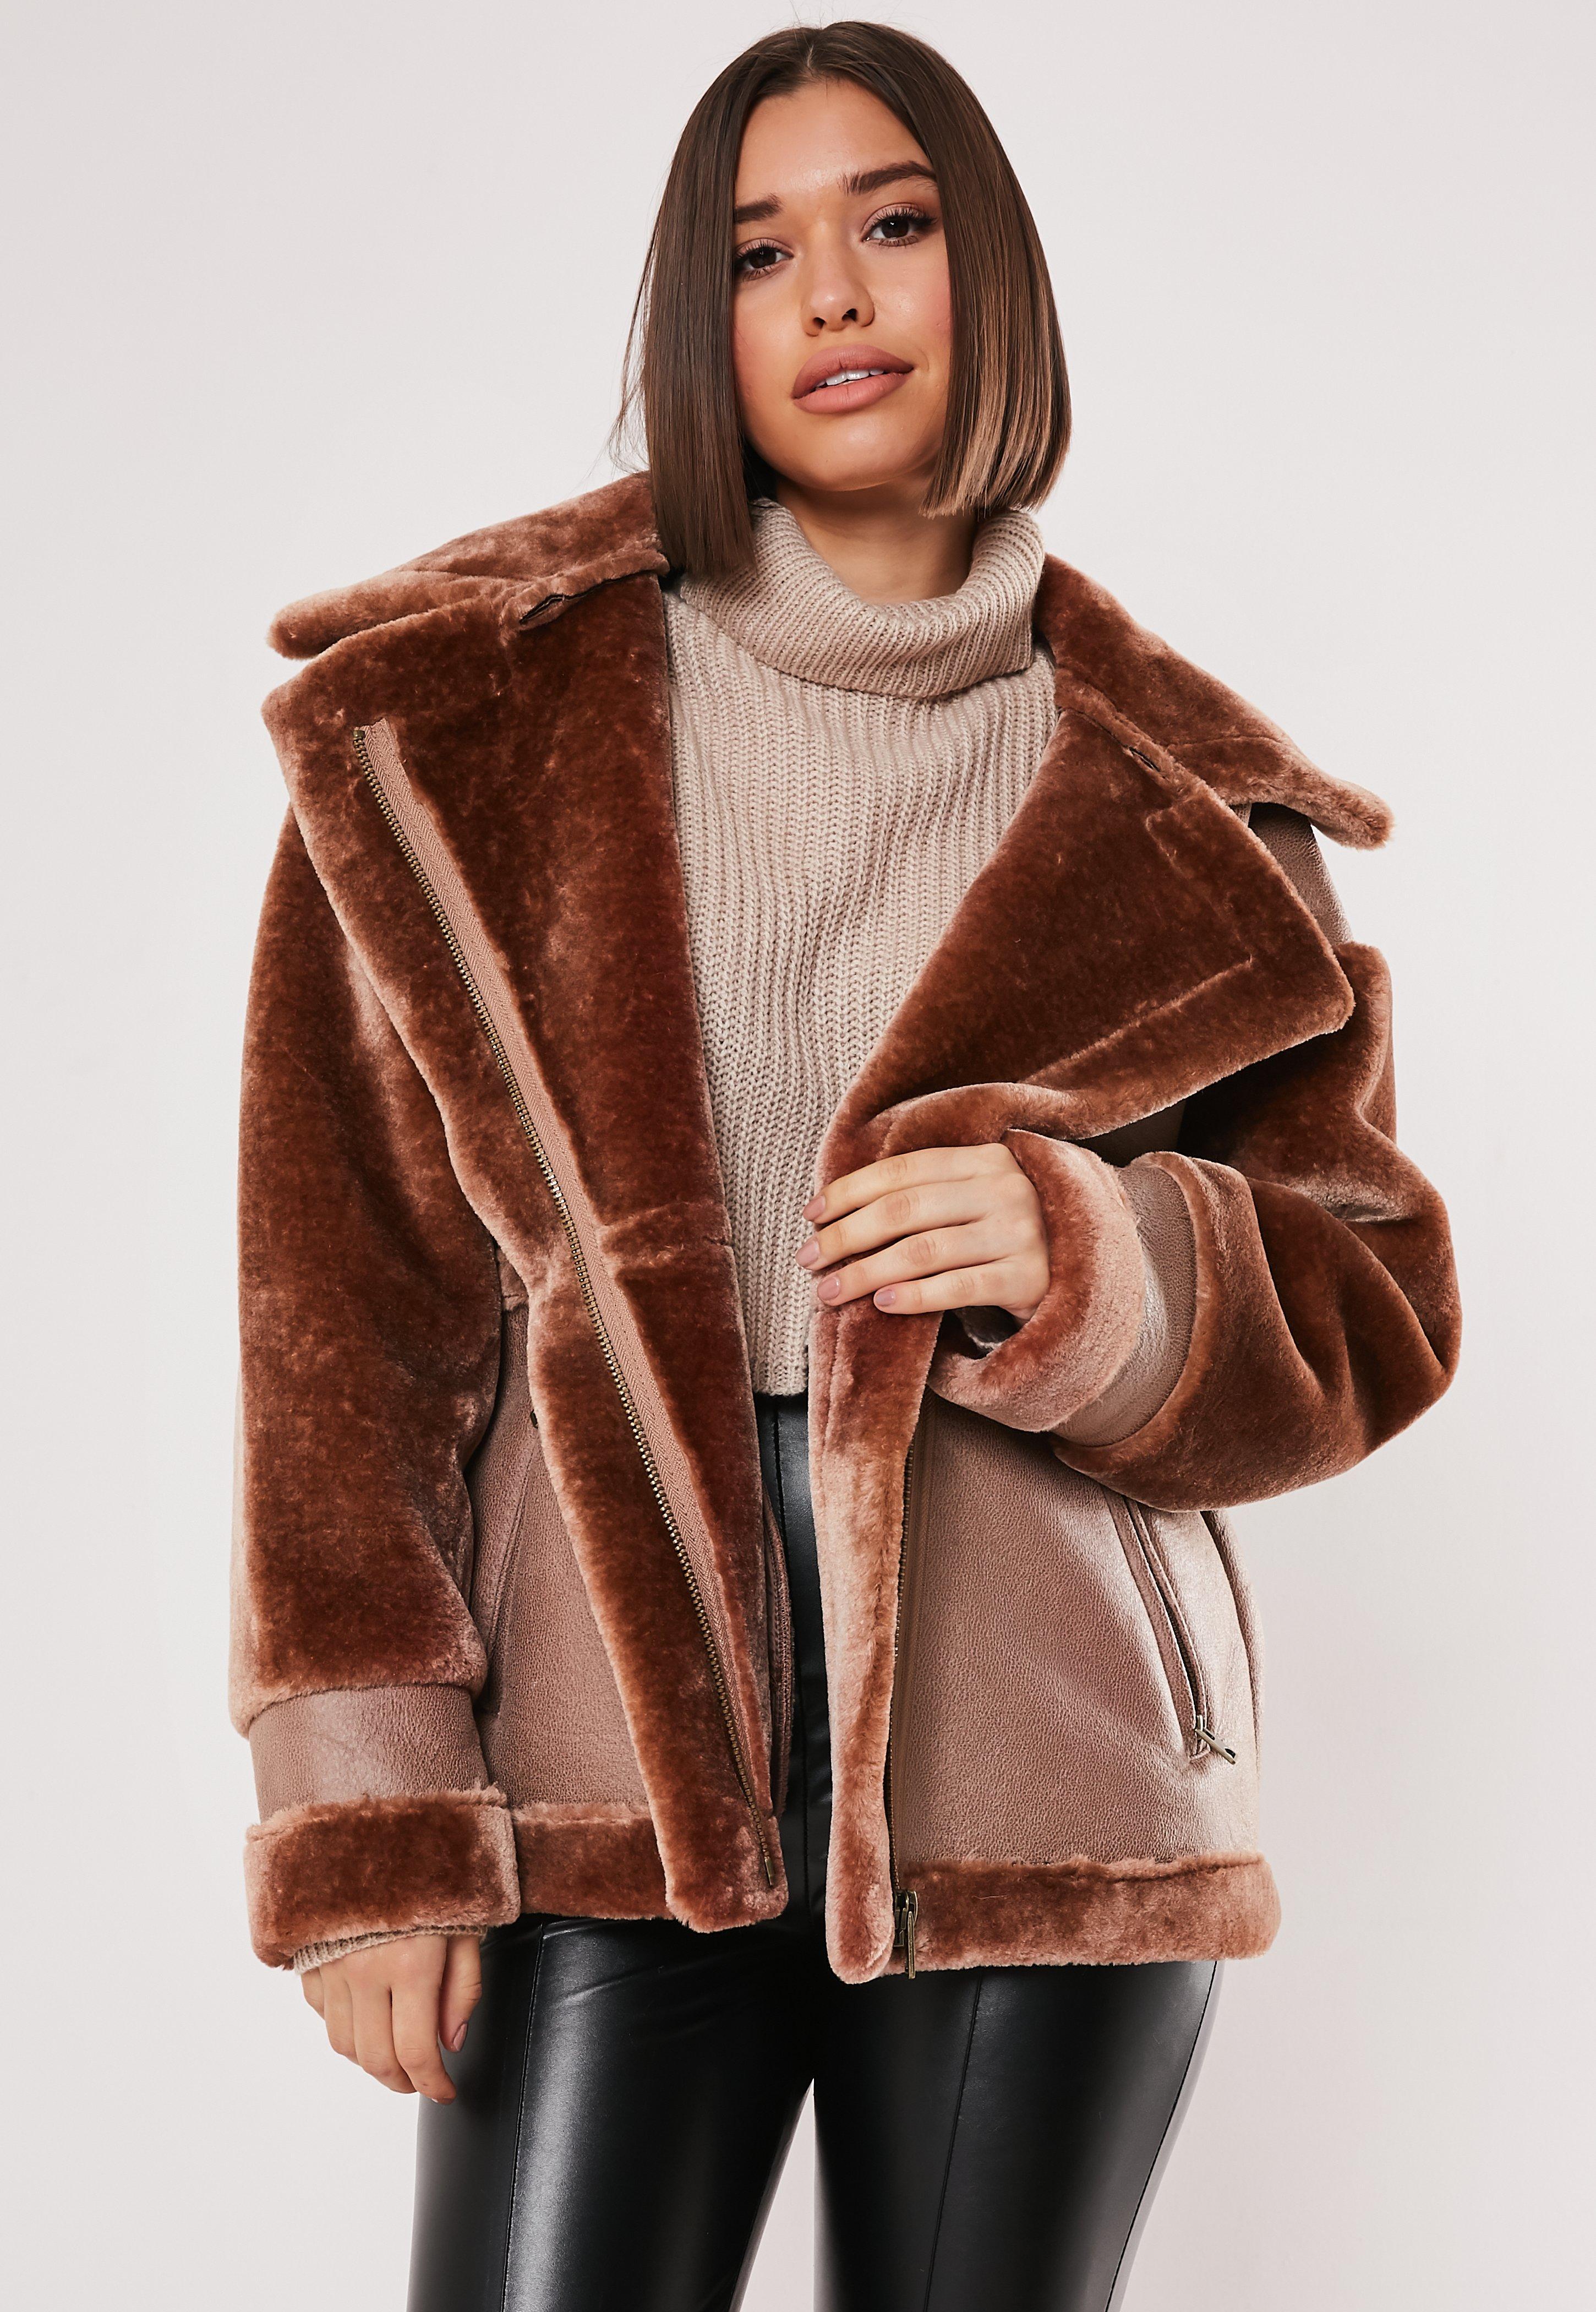 864b9d179 Coats